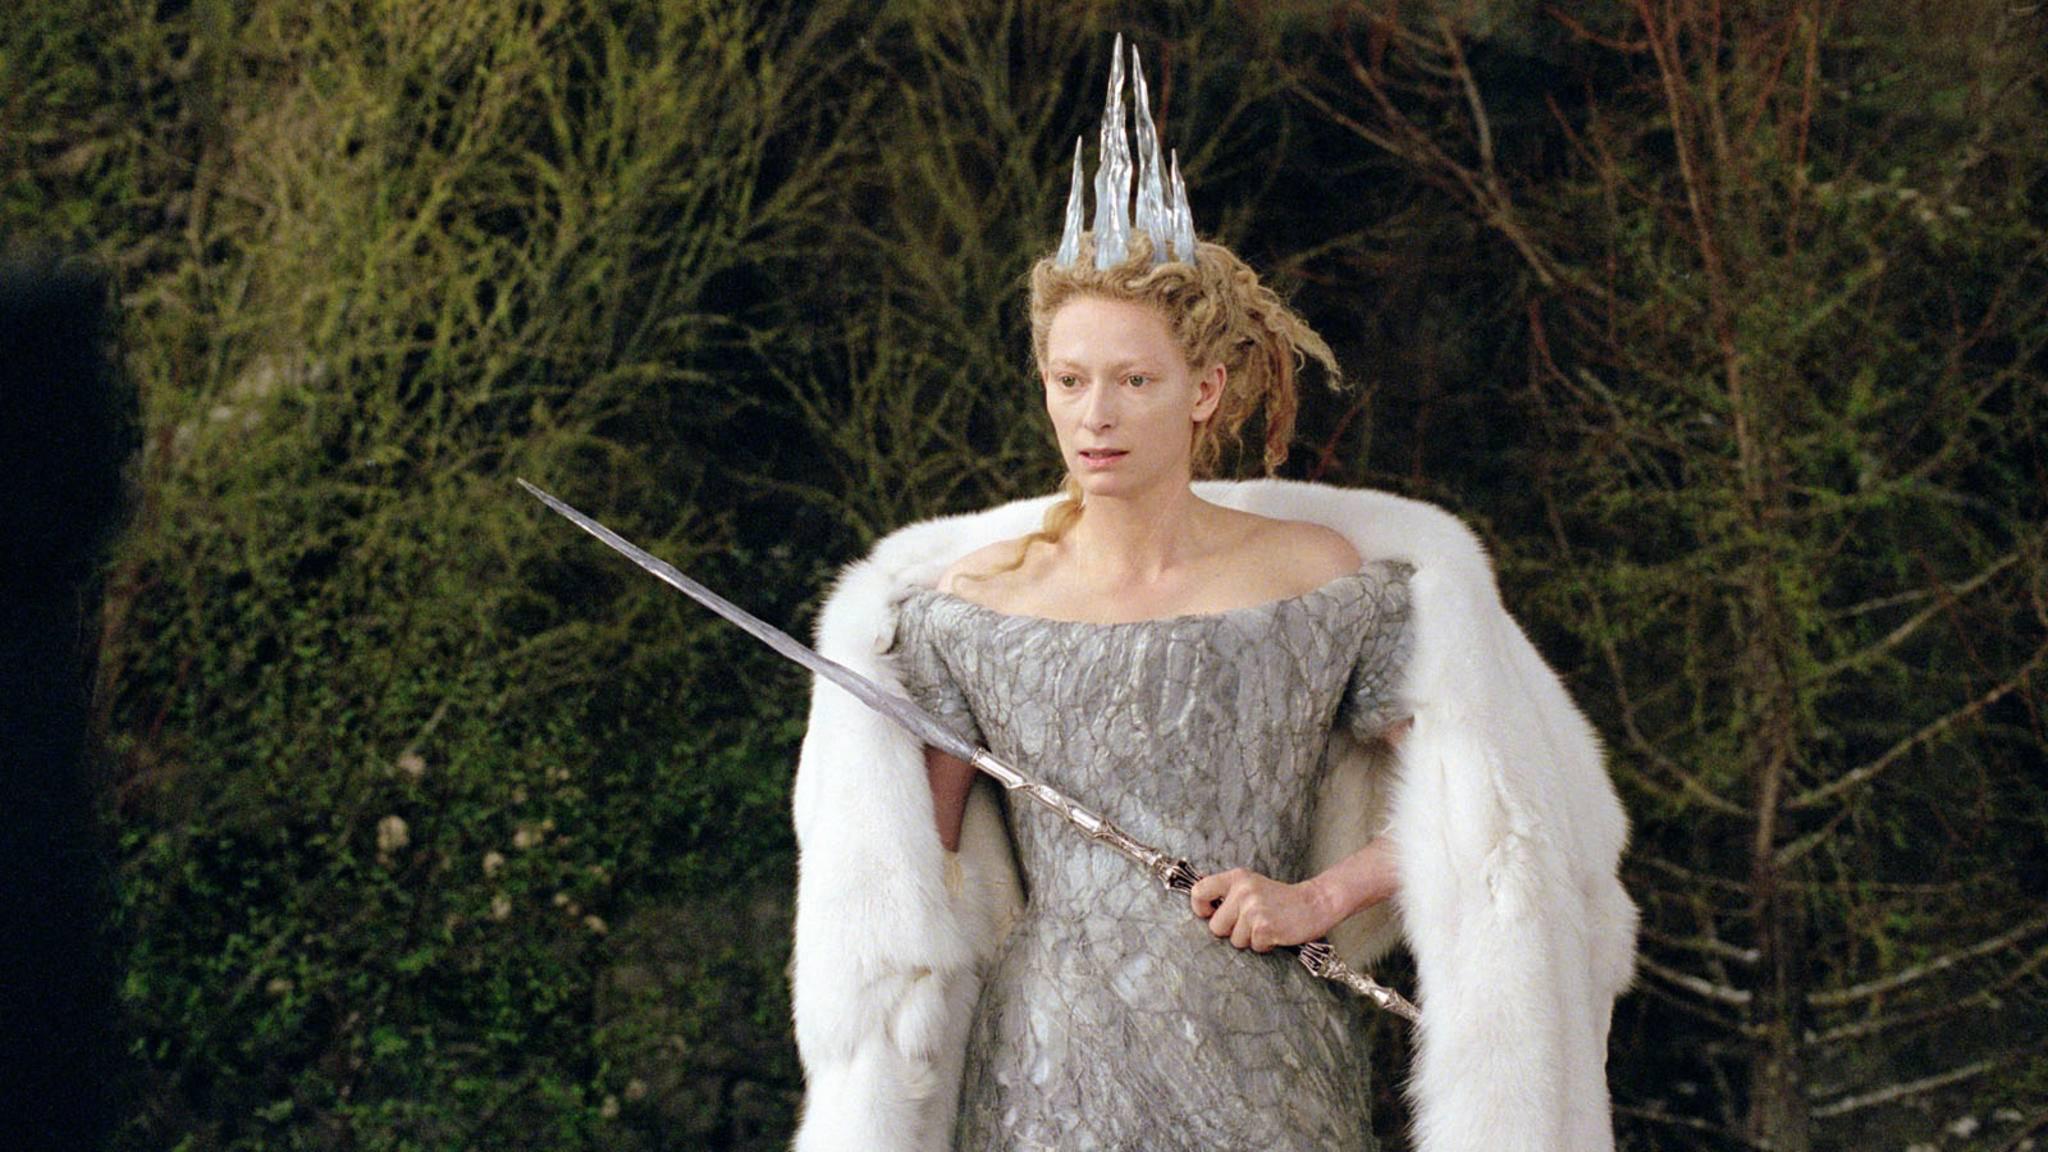 Die Chroniken von Narnia: Der König von Narnia Tilda Swinton